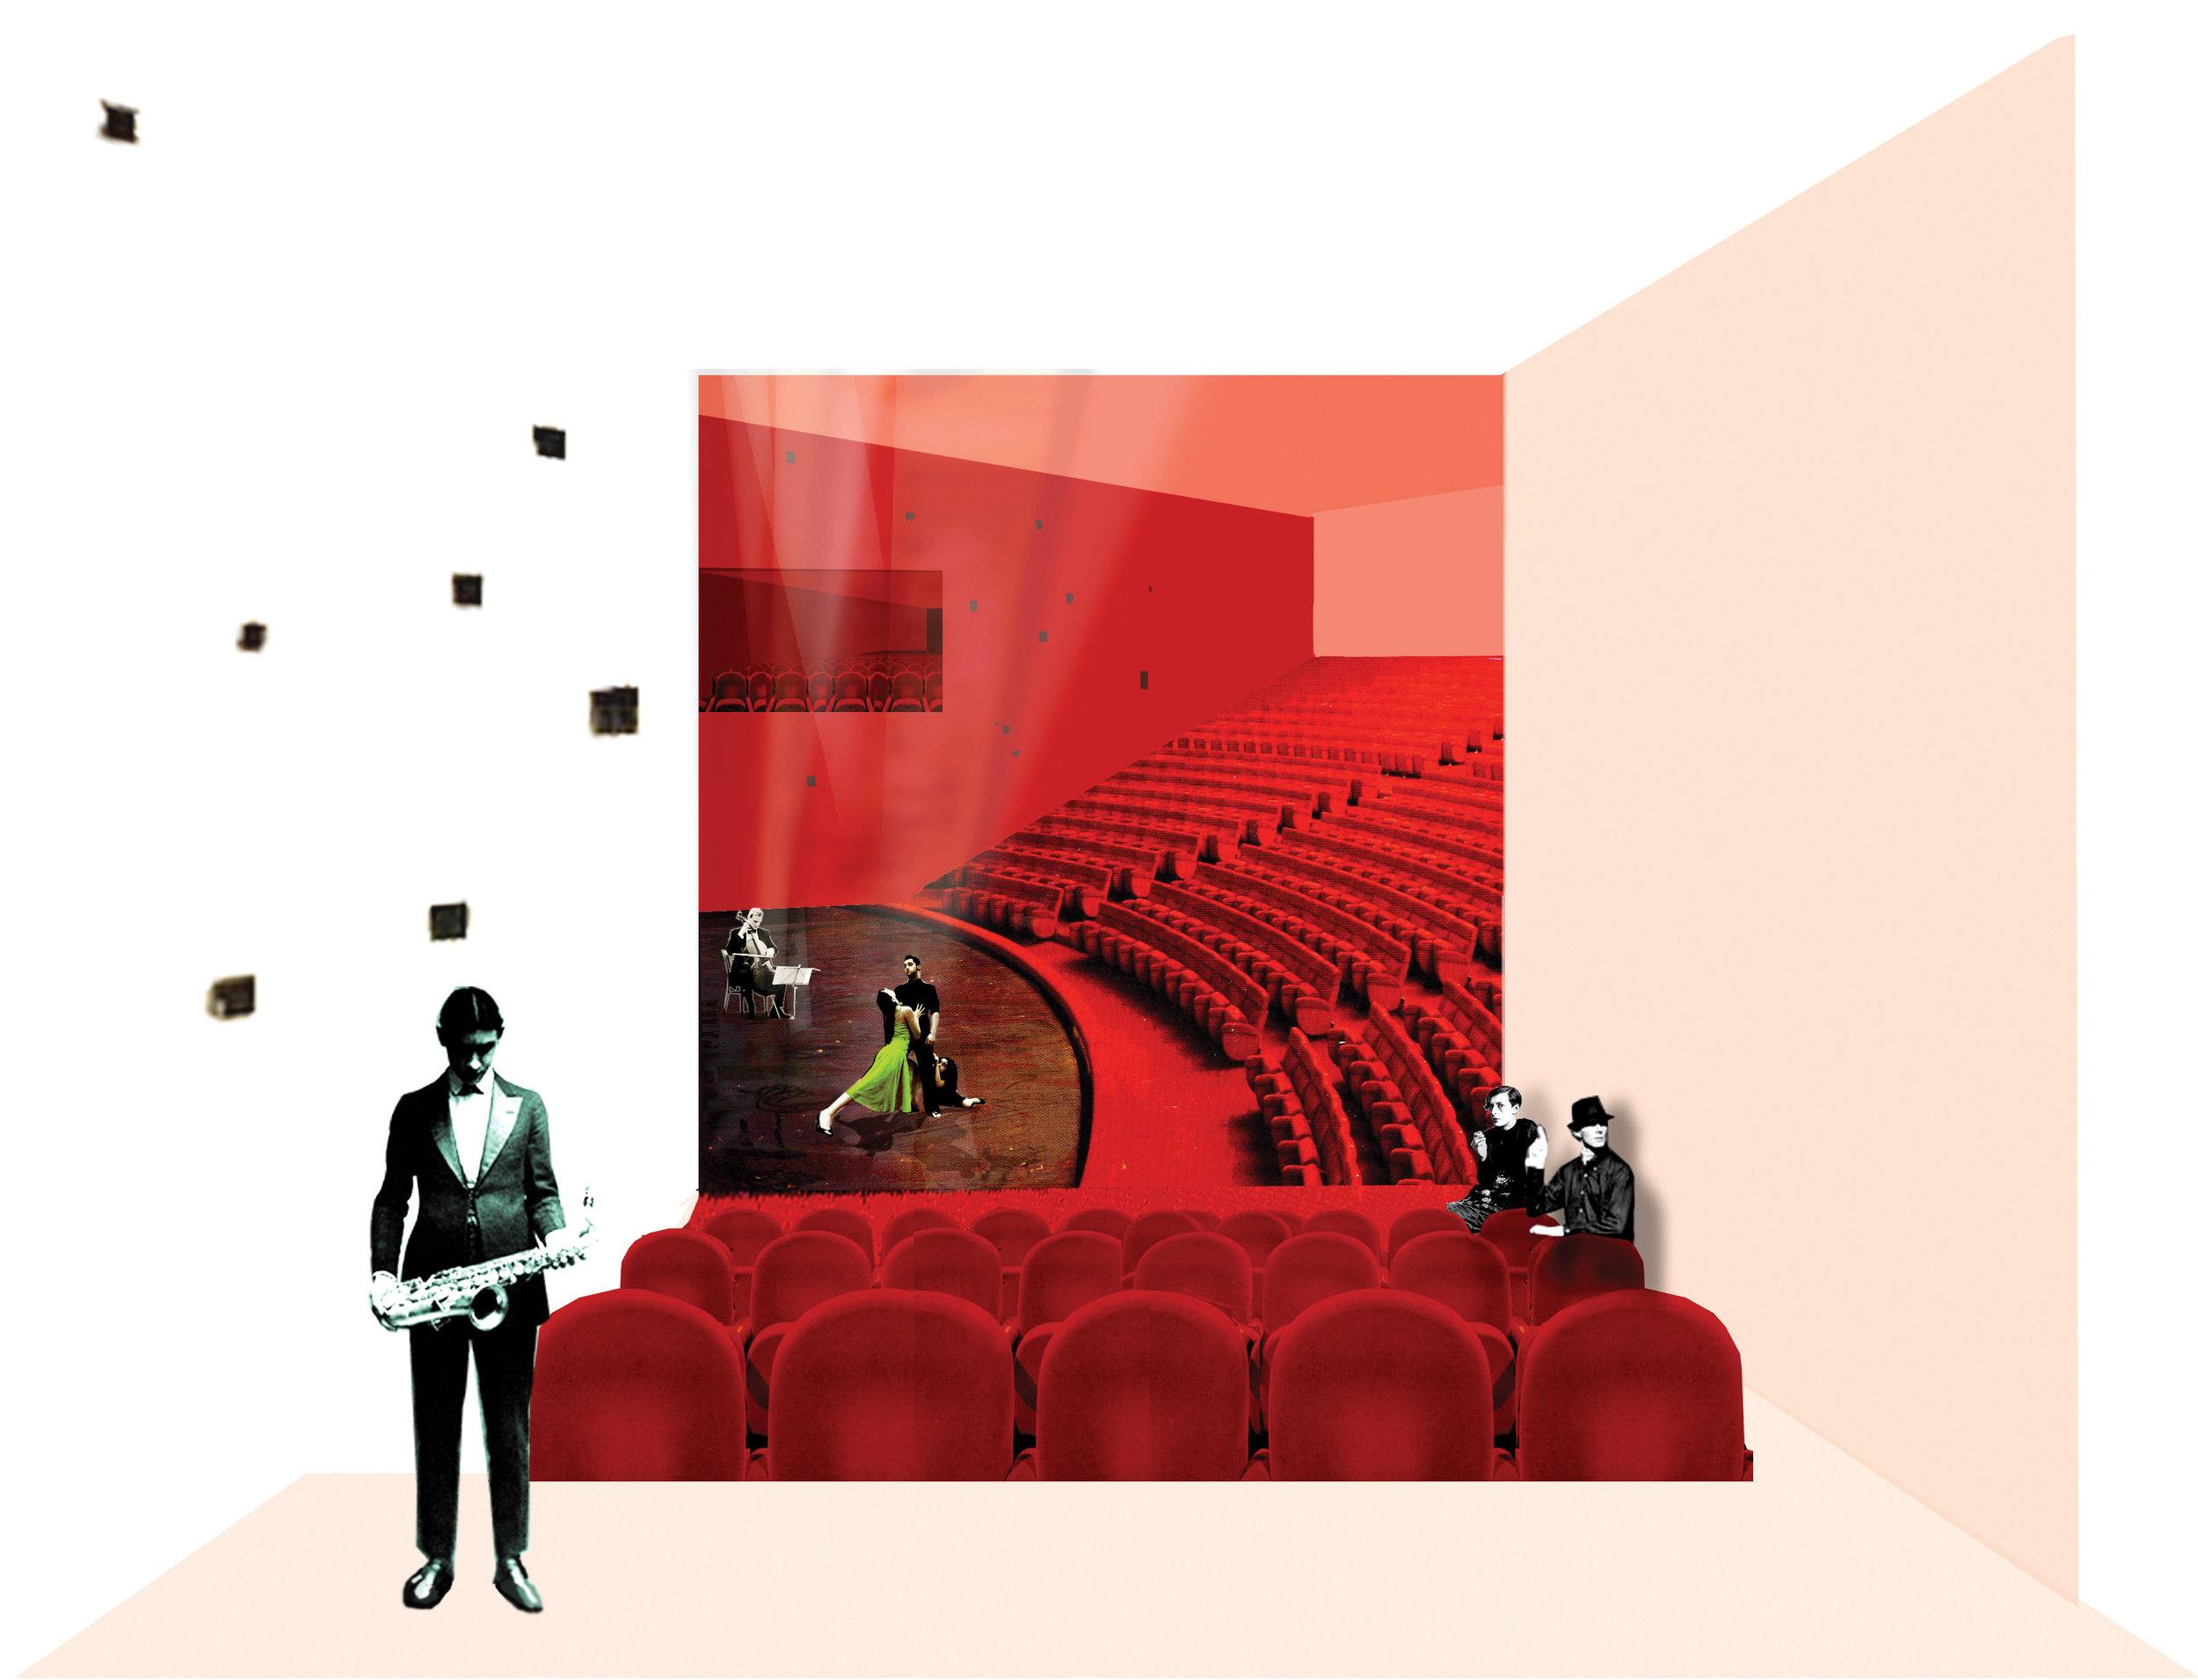 montaje interior_RGB.jpg